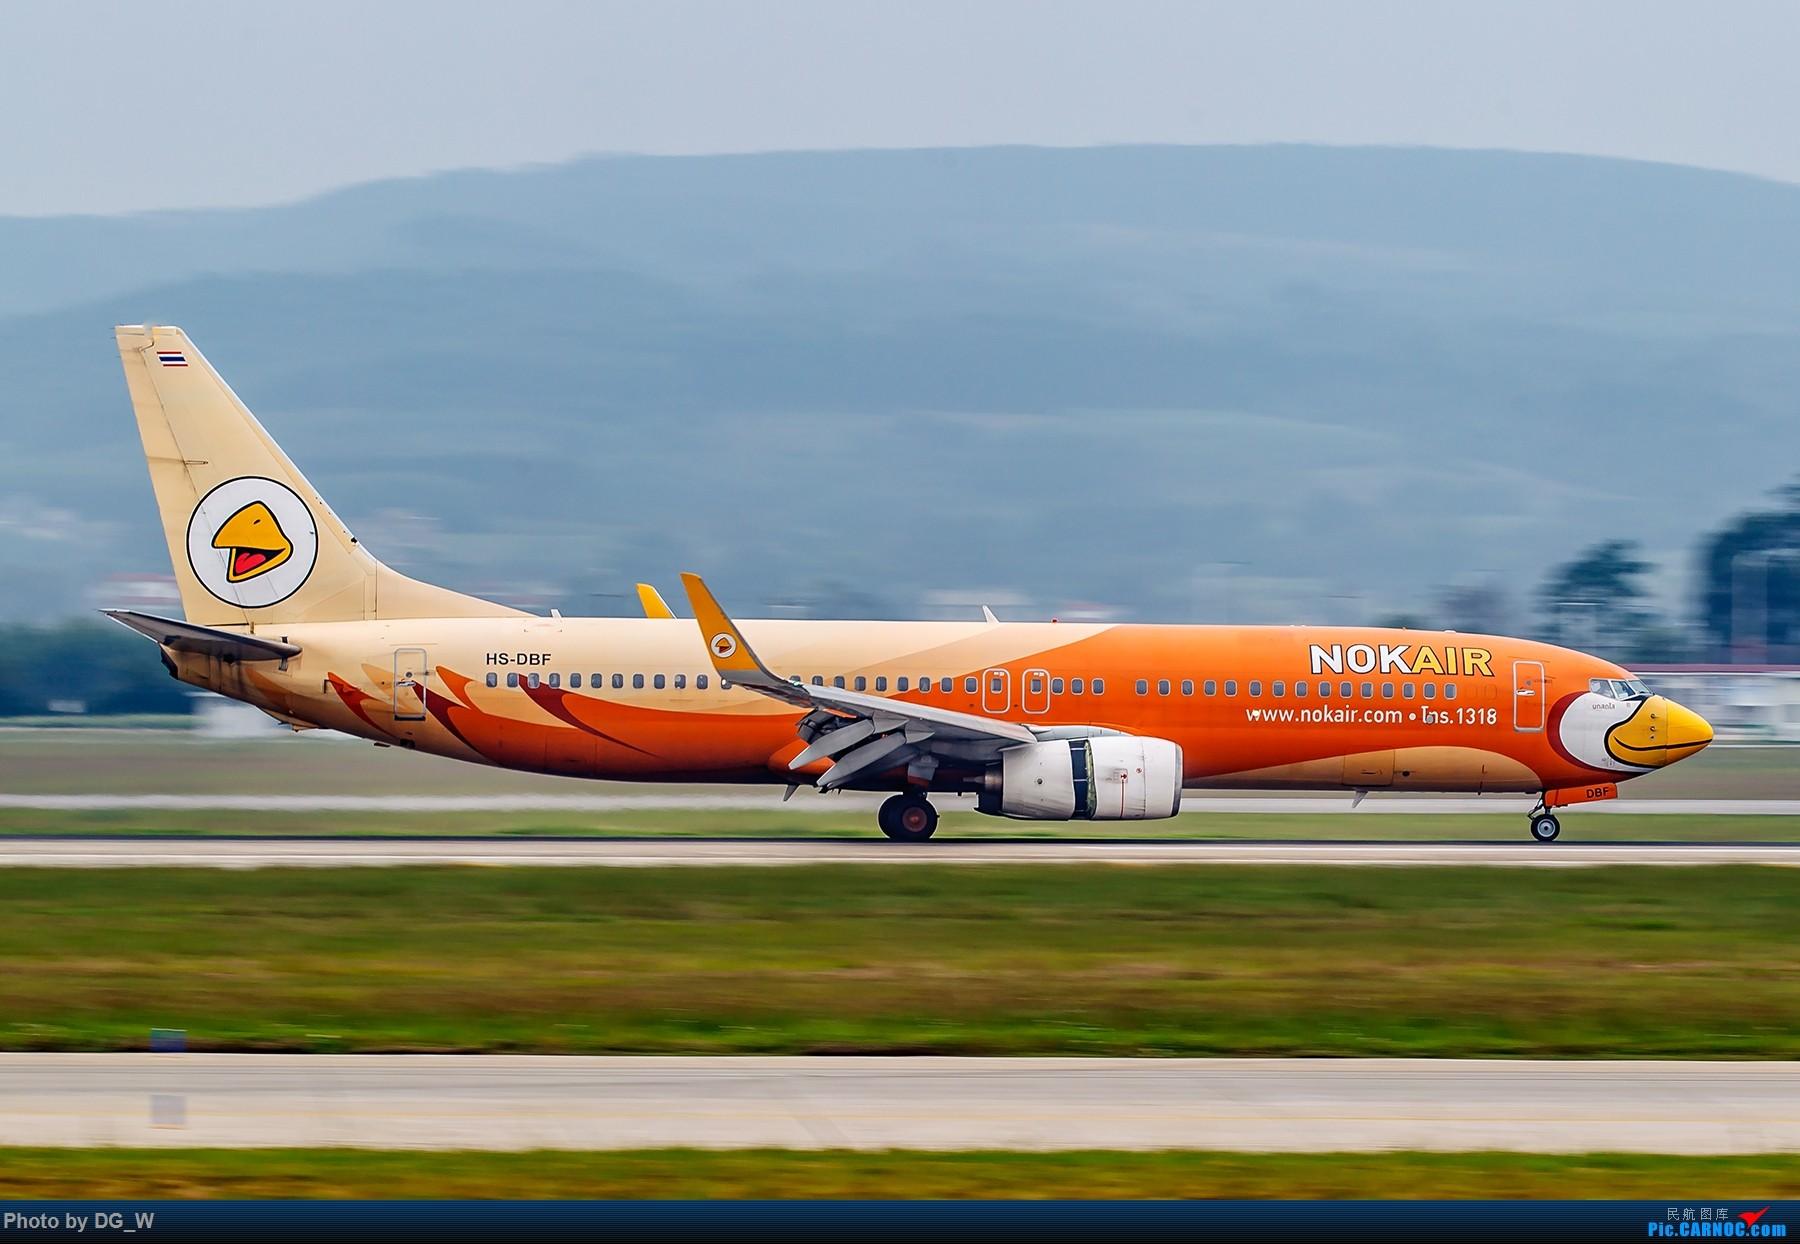 Re:[原创]【南宁飞友】集齐南航邮戳738,外加最近半年拍的部分彩绘 BOEING 737-800 HS-DBF 中国南宁吴圩国际机场